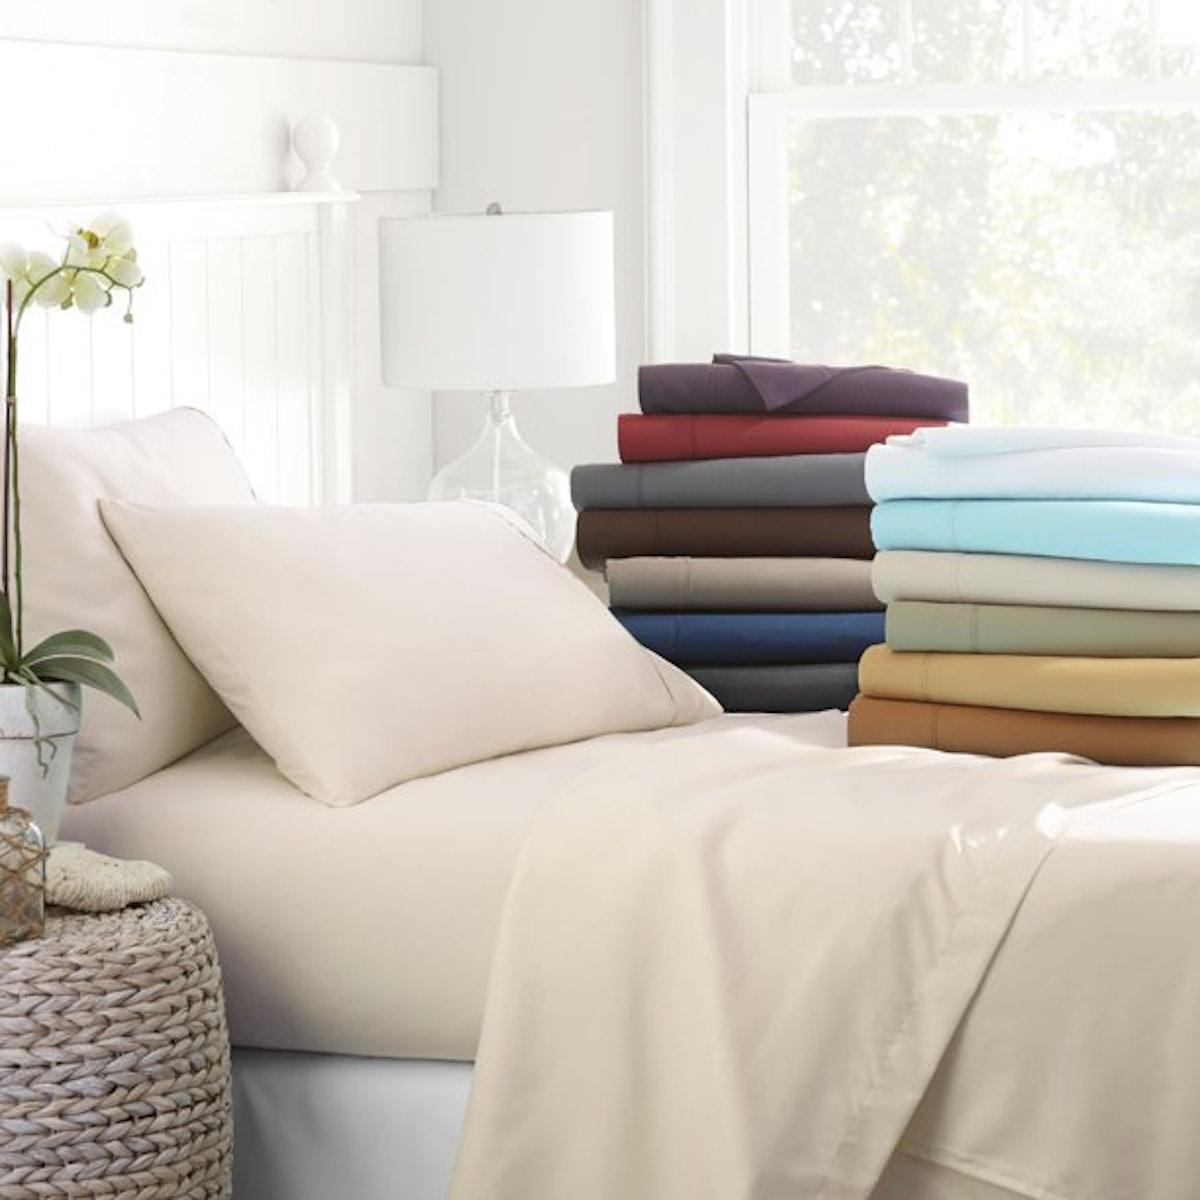 4 Piece Bed Sheet Ultra Soft Set